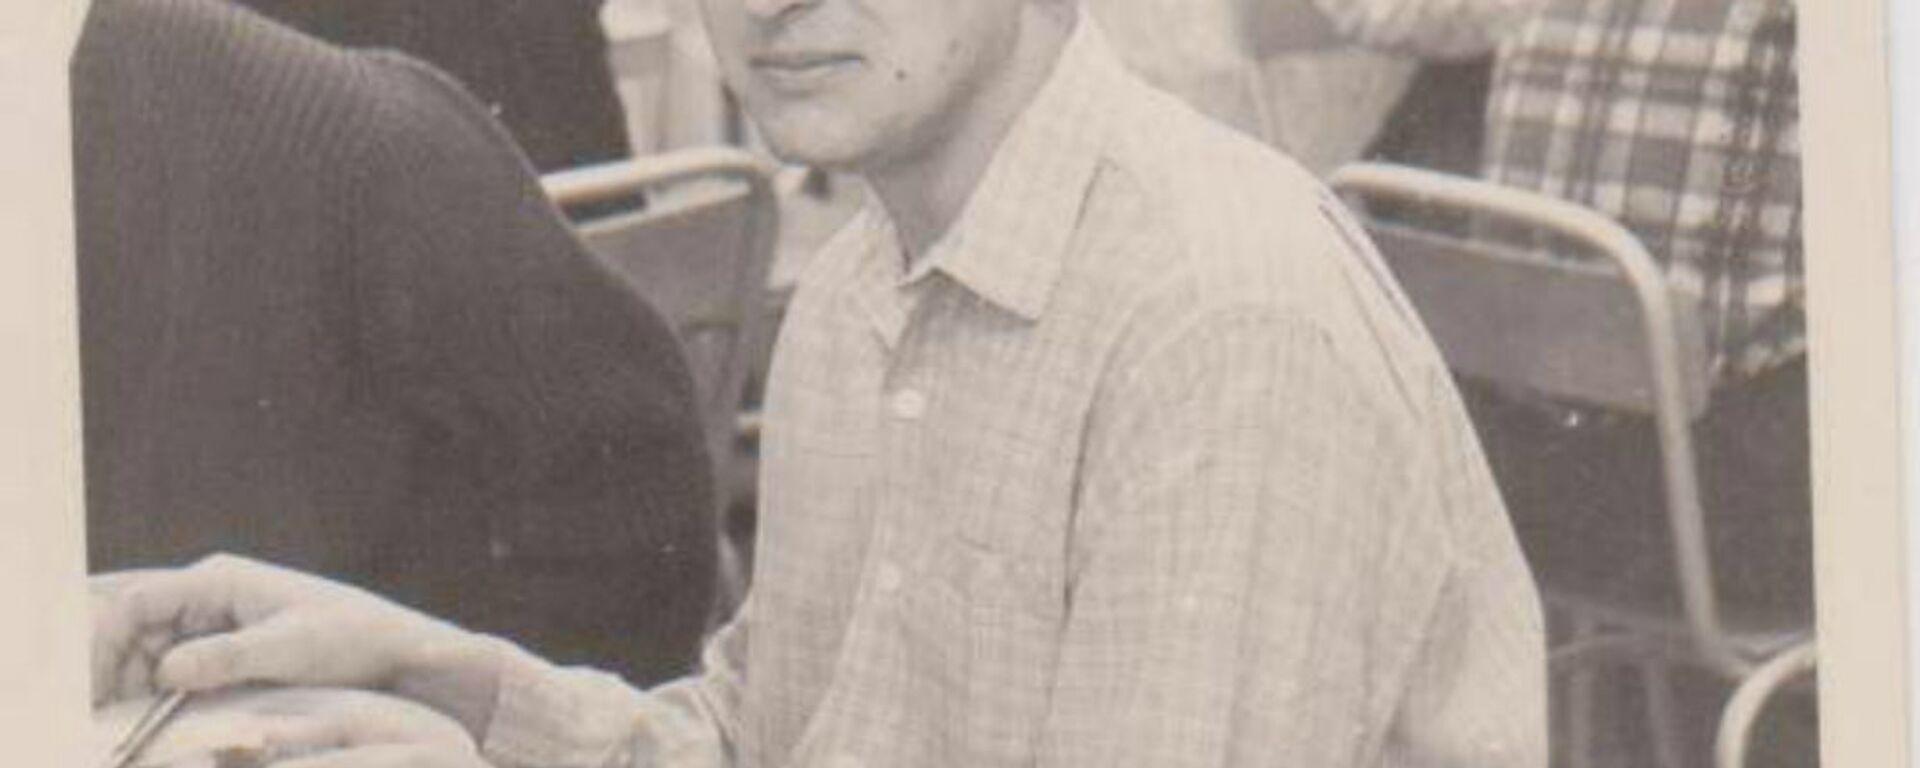 Vladimir Roslik durante sus años de estudiante en Moscú - Sputnik Mundo, 1920, 17.08.2020